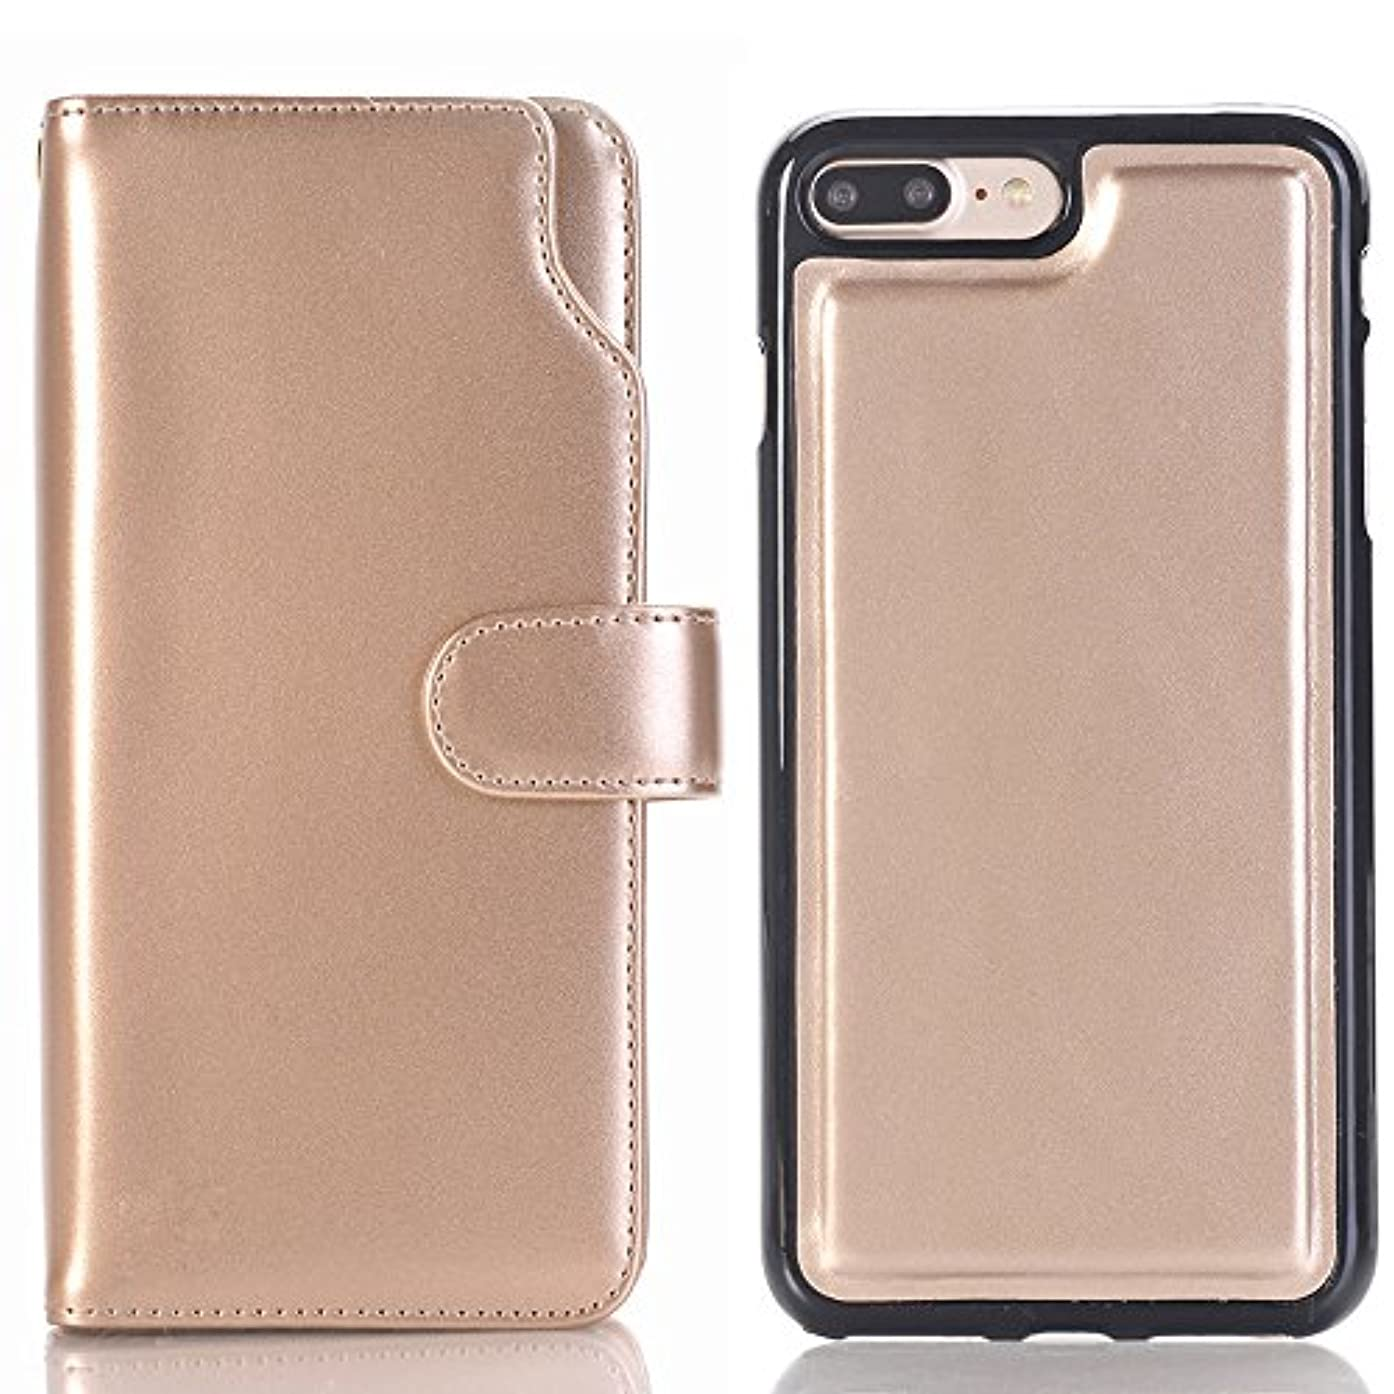 iPhone 6 Plus ケース 分離可能、SIMPLE DO 良質レザー おしゃれデザイン カード収納 傷つけ防止 業務用(ゴールド)